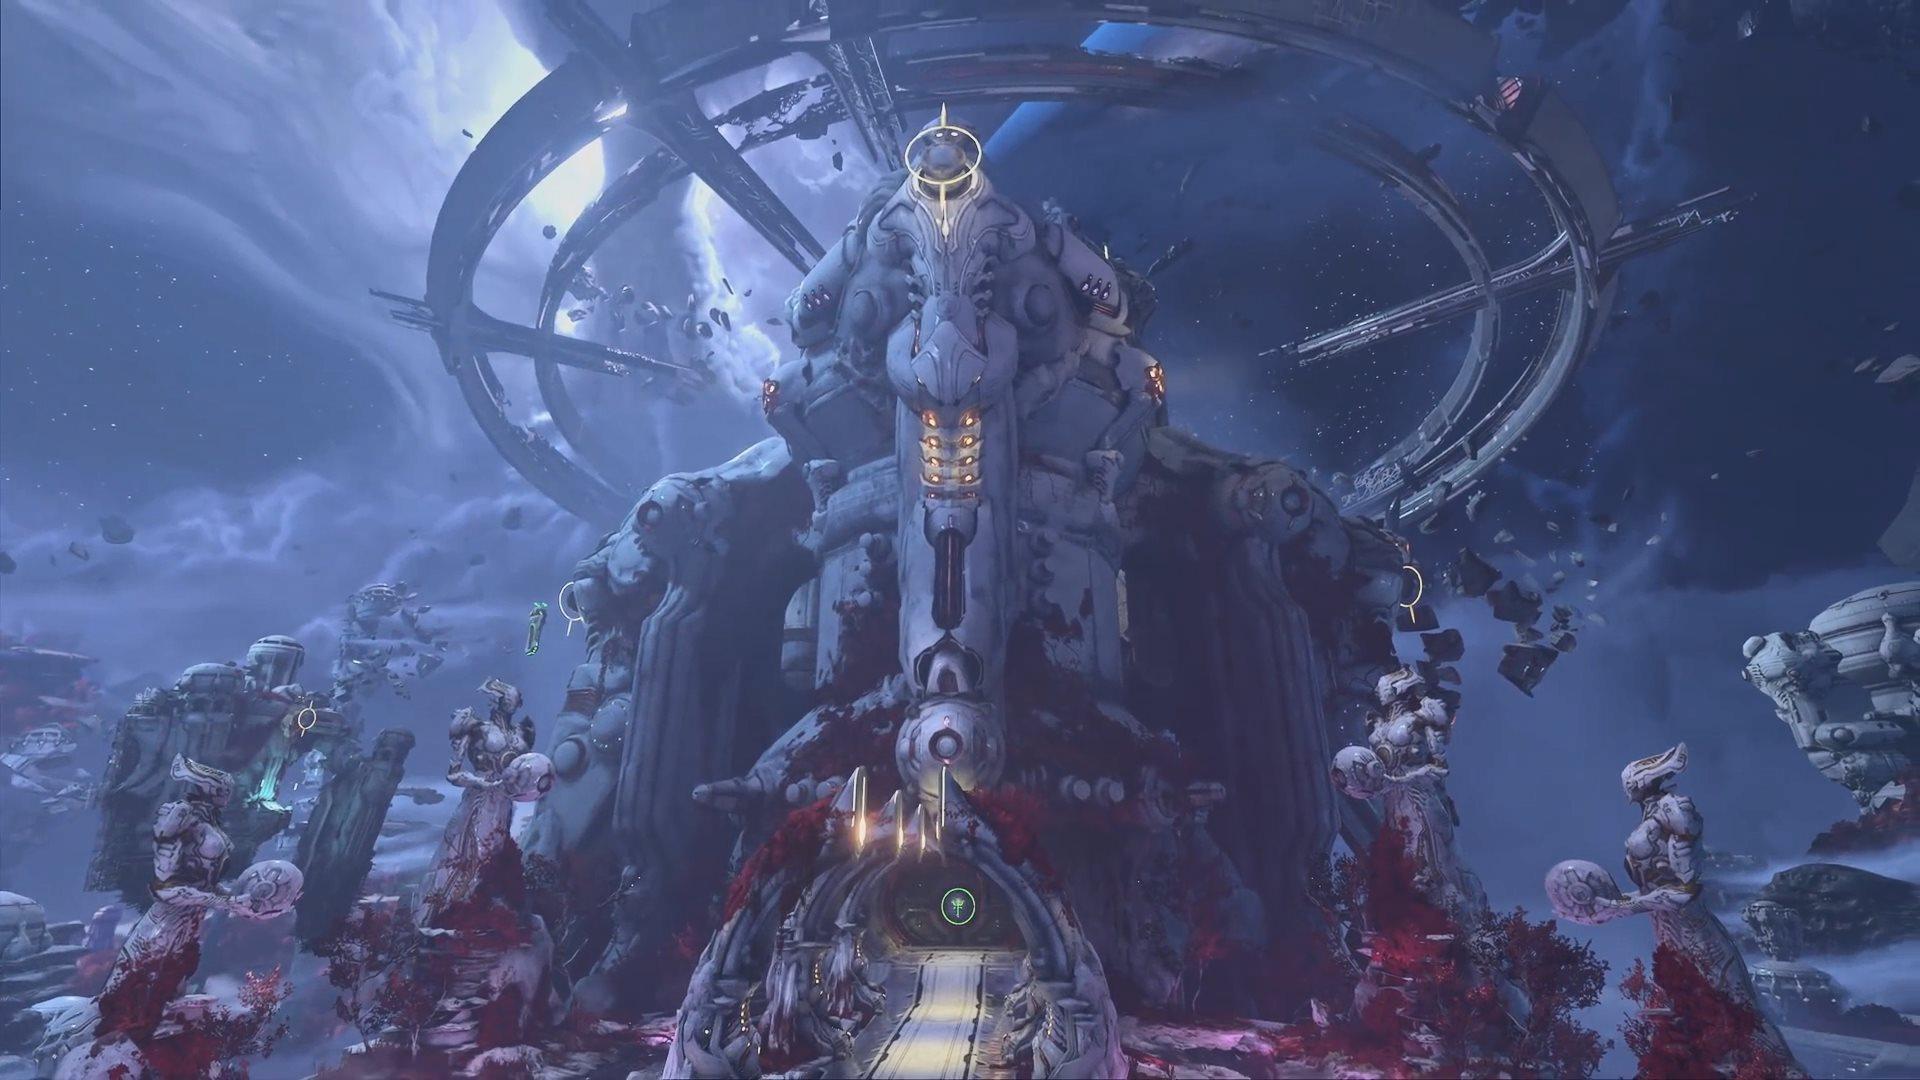 《毁灭战士:永恒》简短预告 《雷神之锤》免费领 (4)